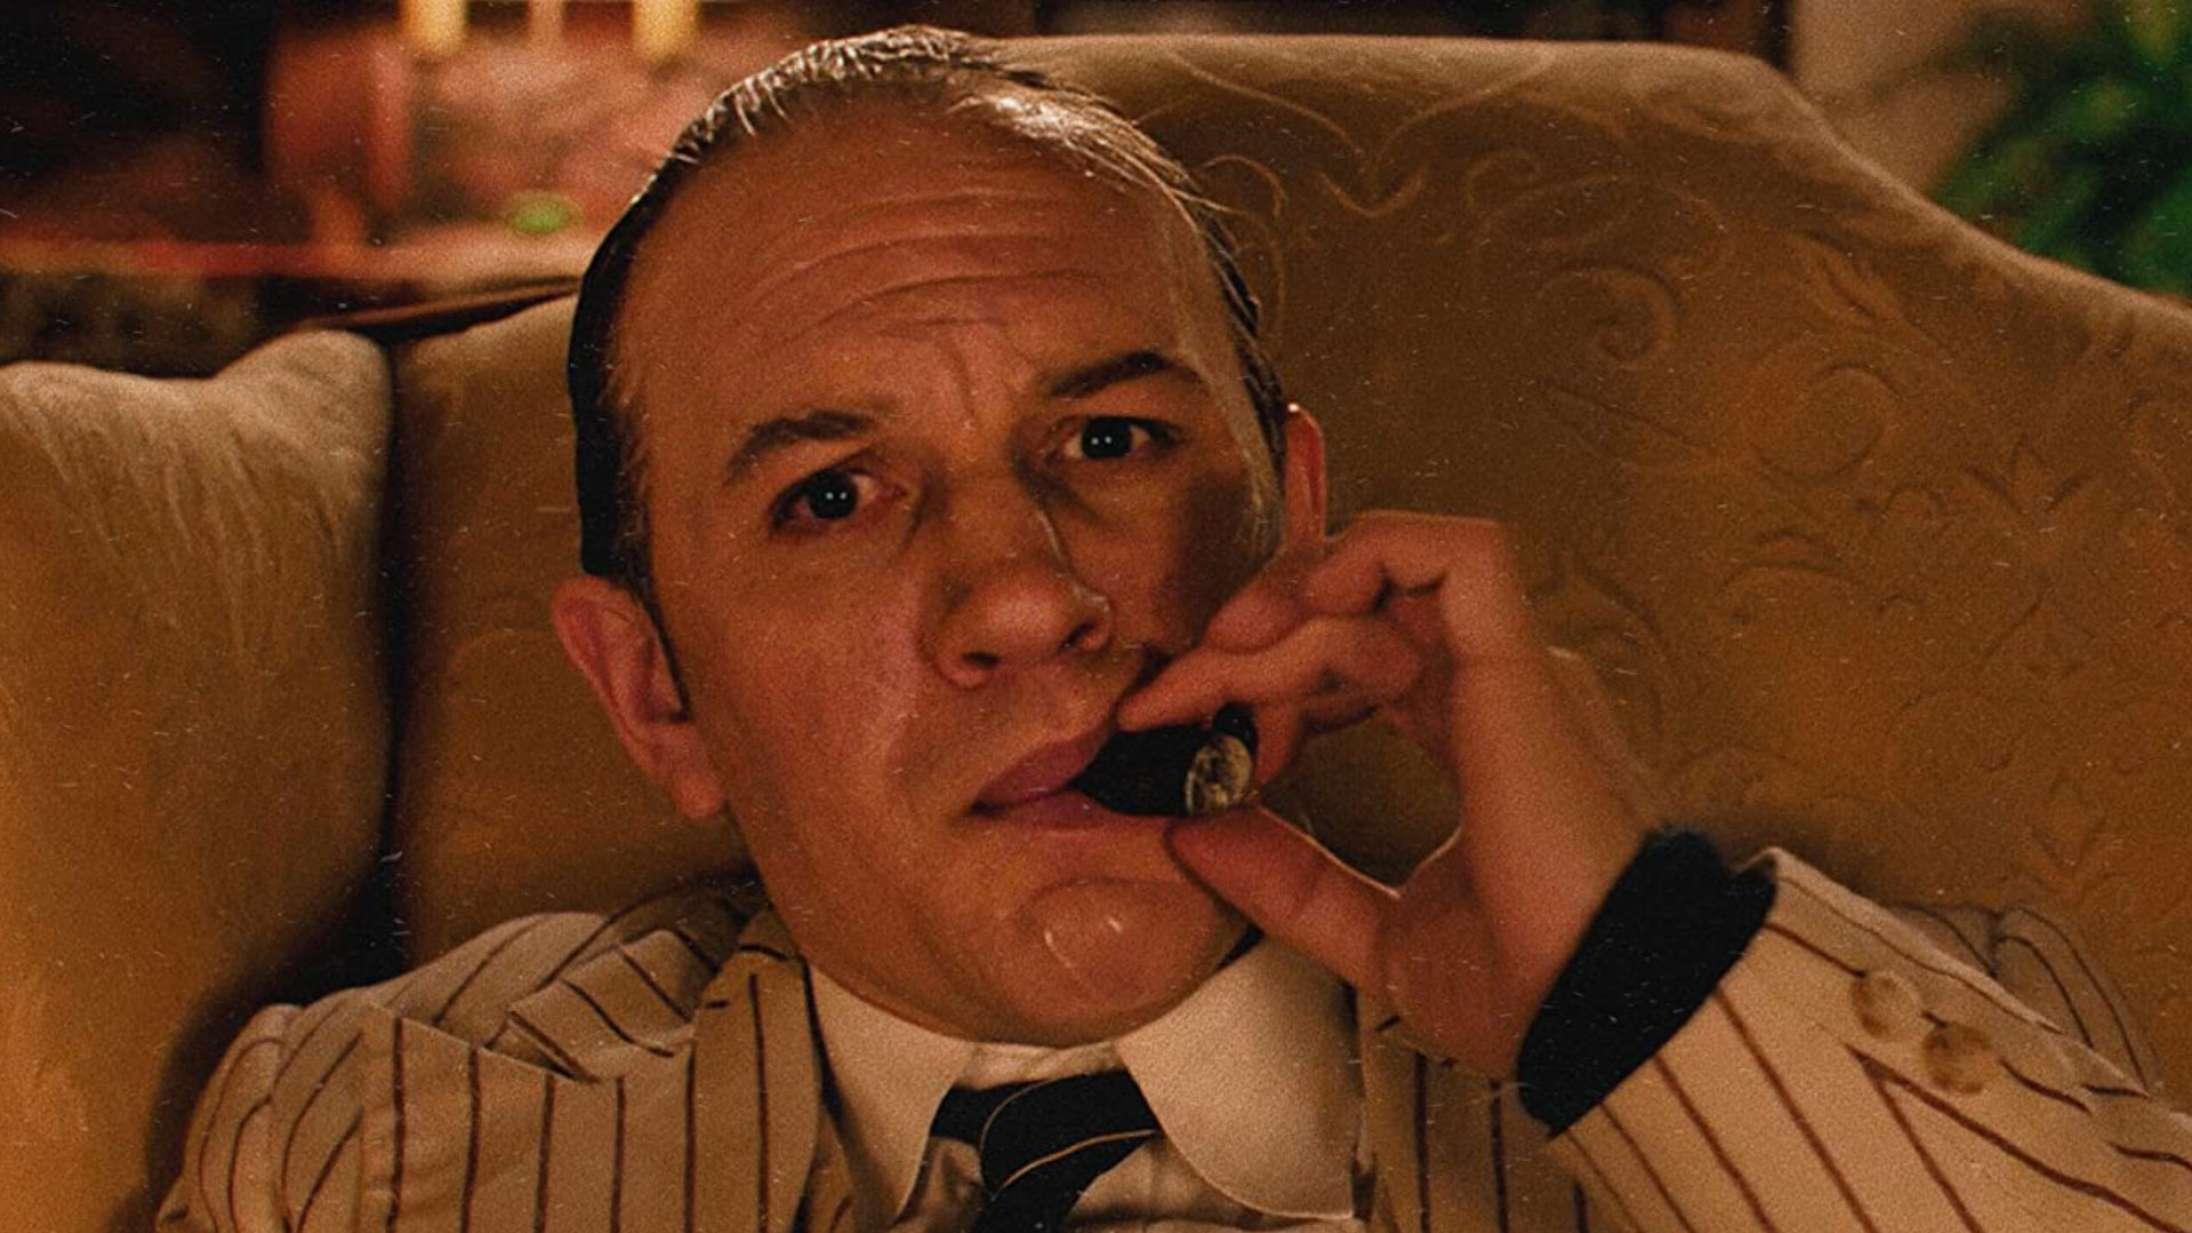 Manden, myten og filmene: Historien om gangsterkongen Al Capone